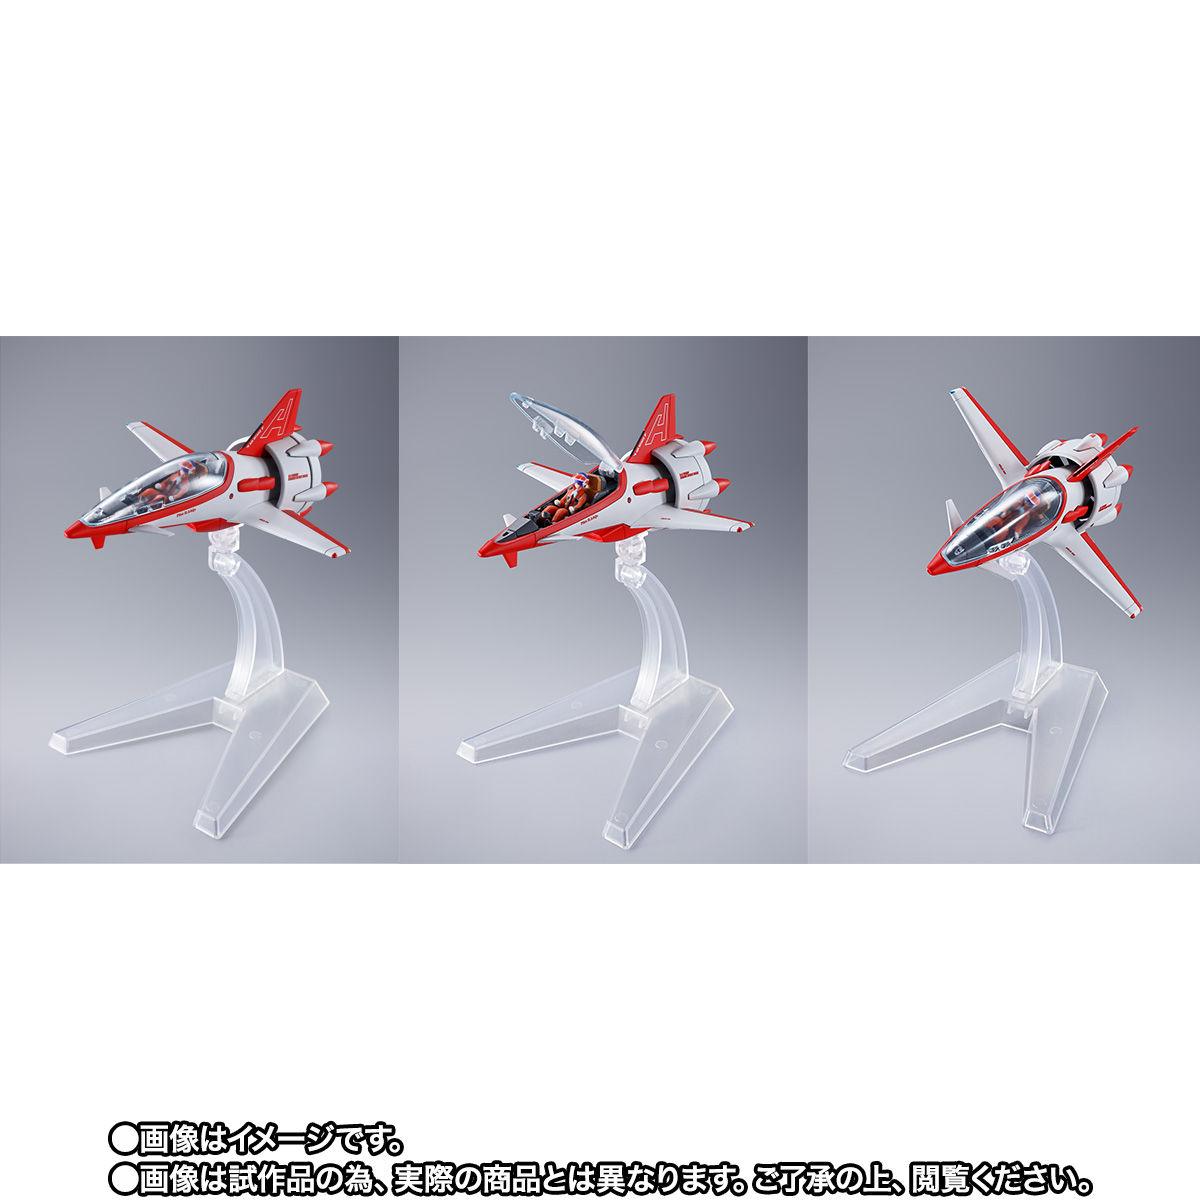 【限定販売】DX超合金『VF-1D バルキリー&ファン・レーサー』超時空要塞マクロス 可変可動フィギュア-006